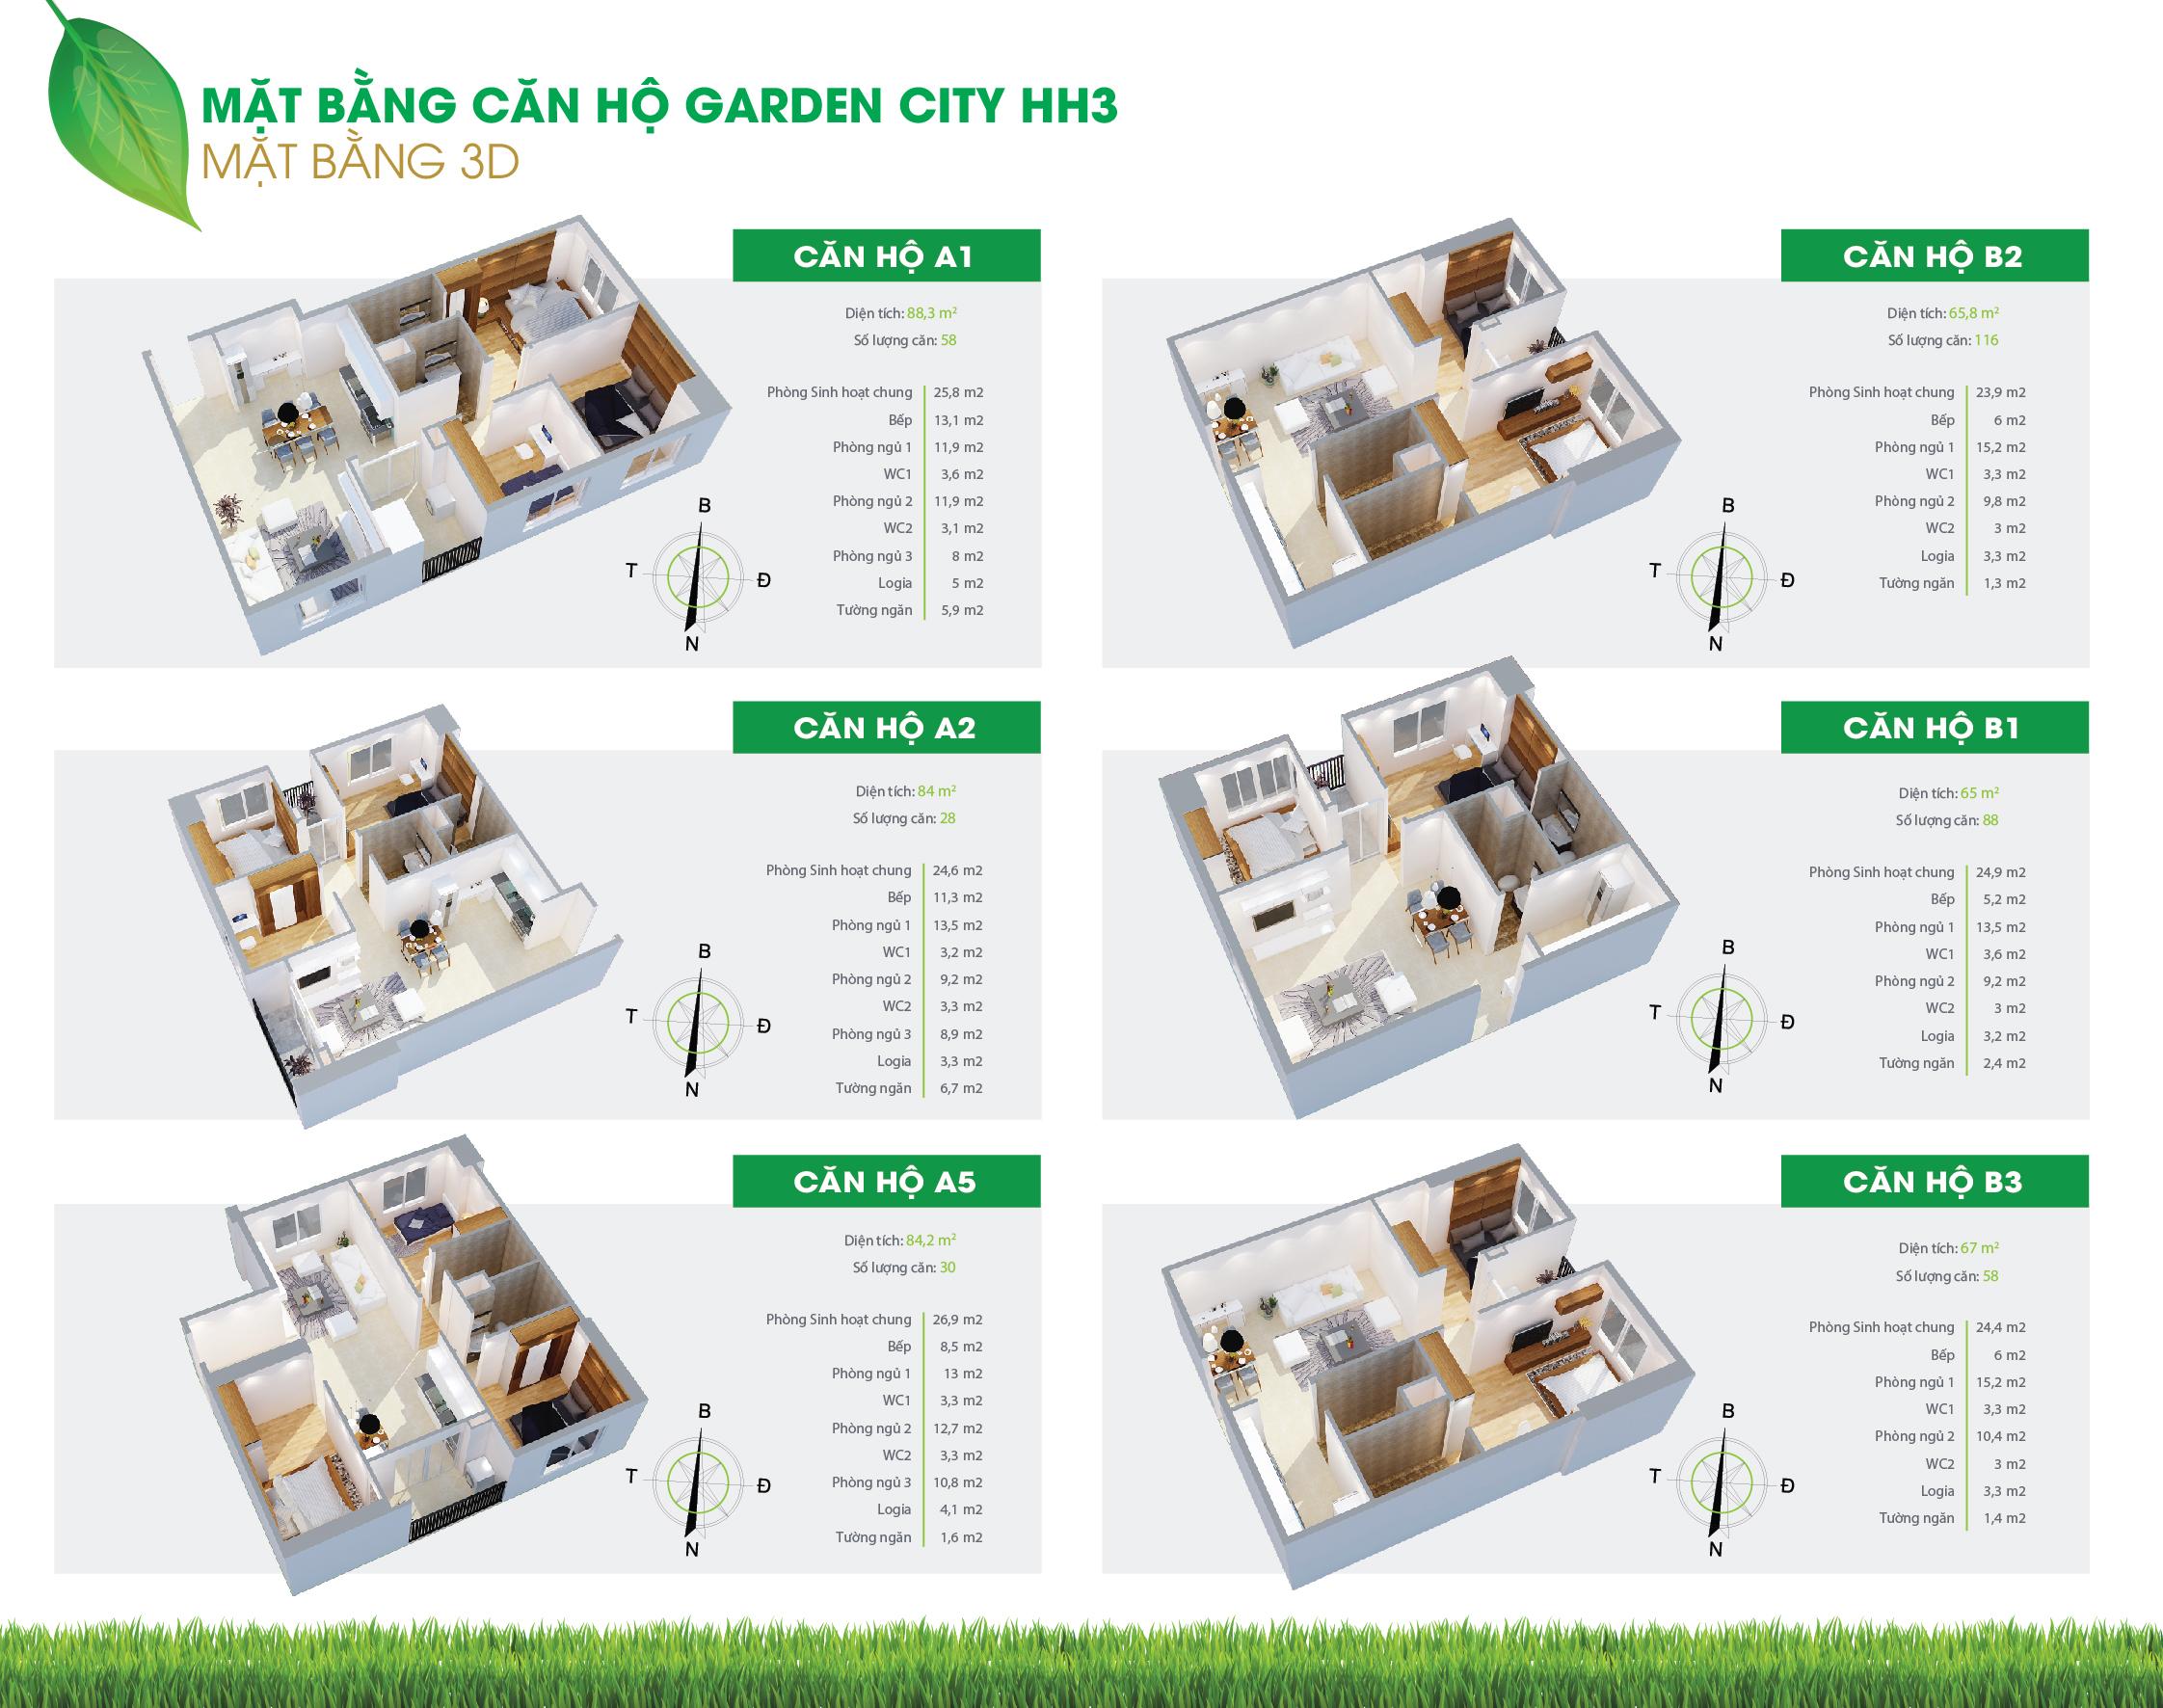 Thiết kế căn hộ hh3 flc đại mỗ (1)